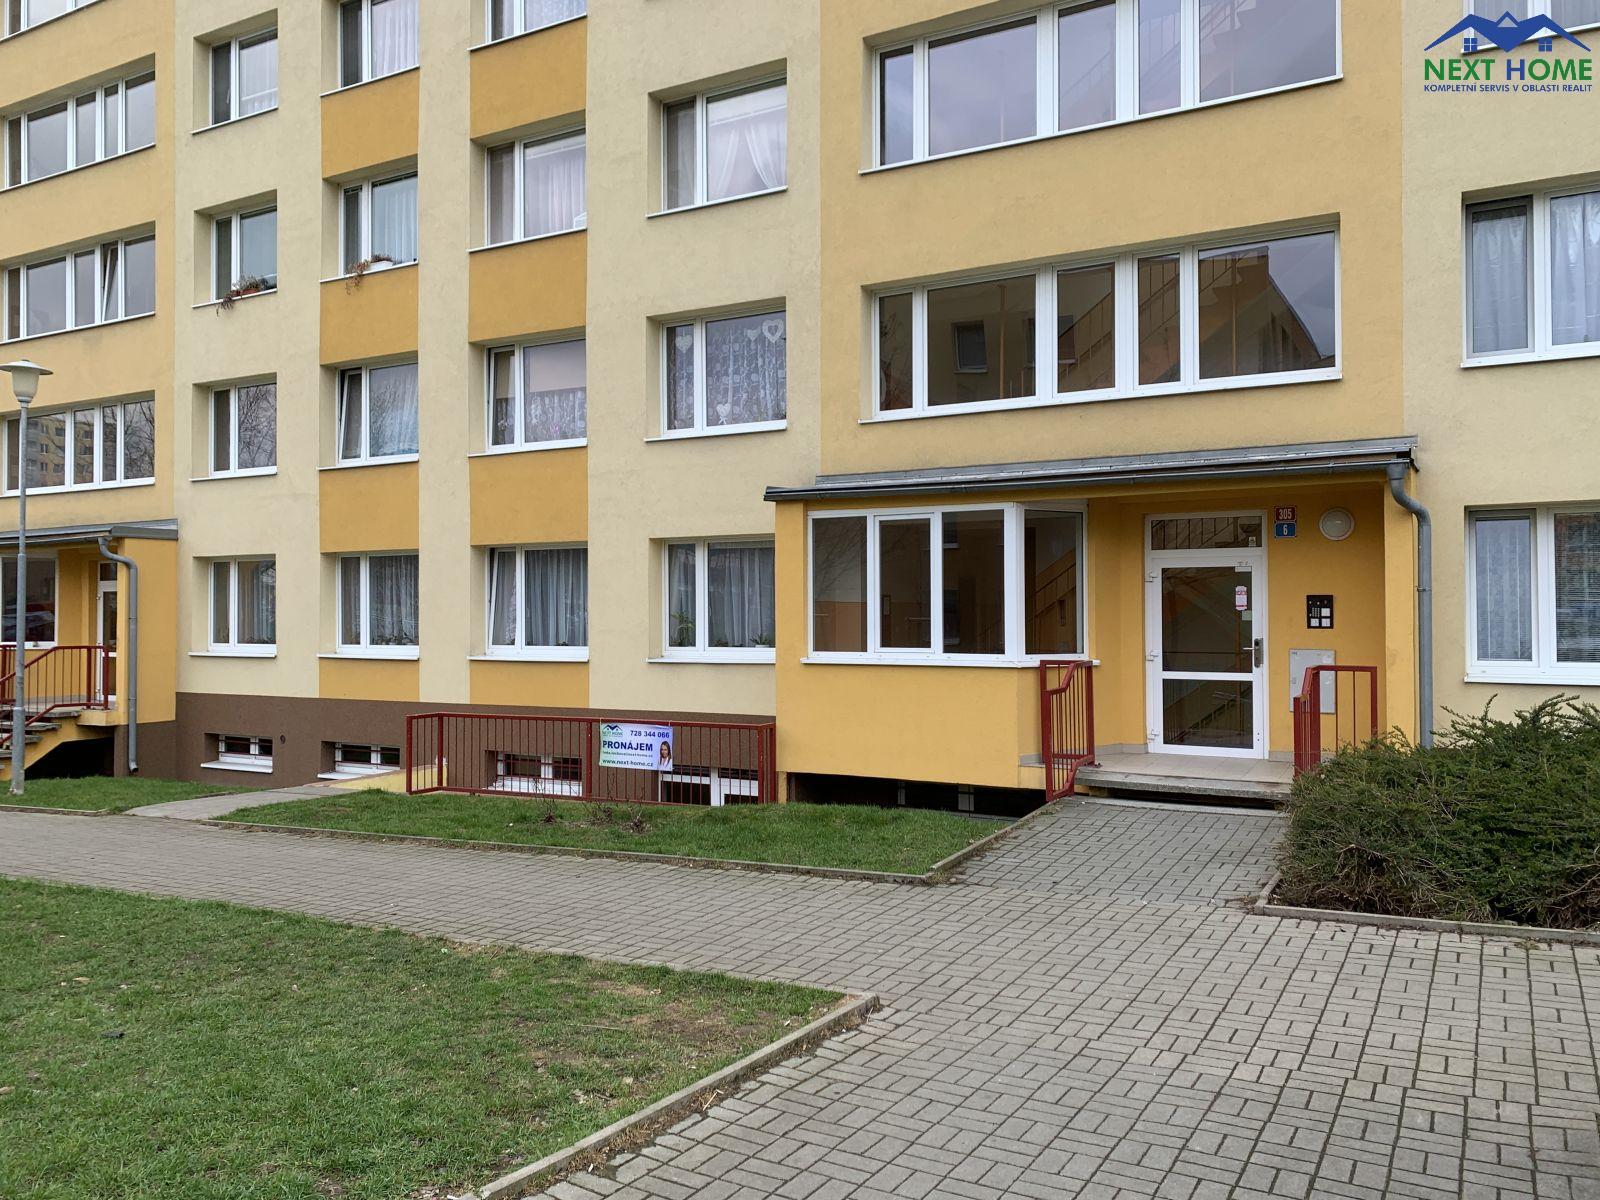 Prodej komerční - obchodní prostor, 78 m2, ul. Višňová, Most.